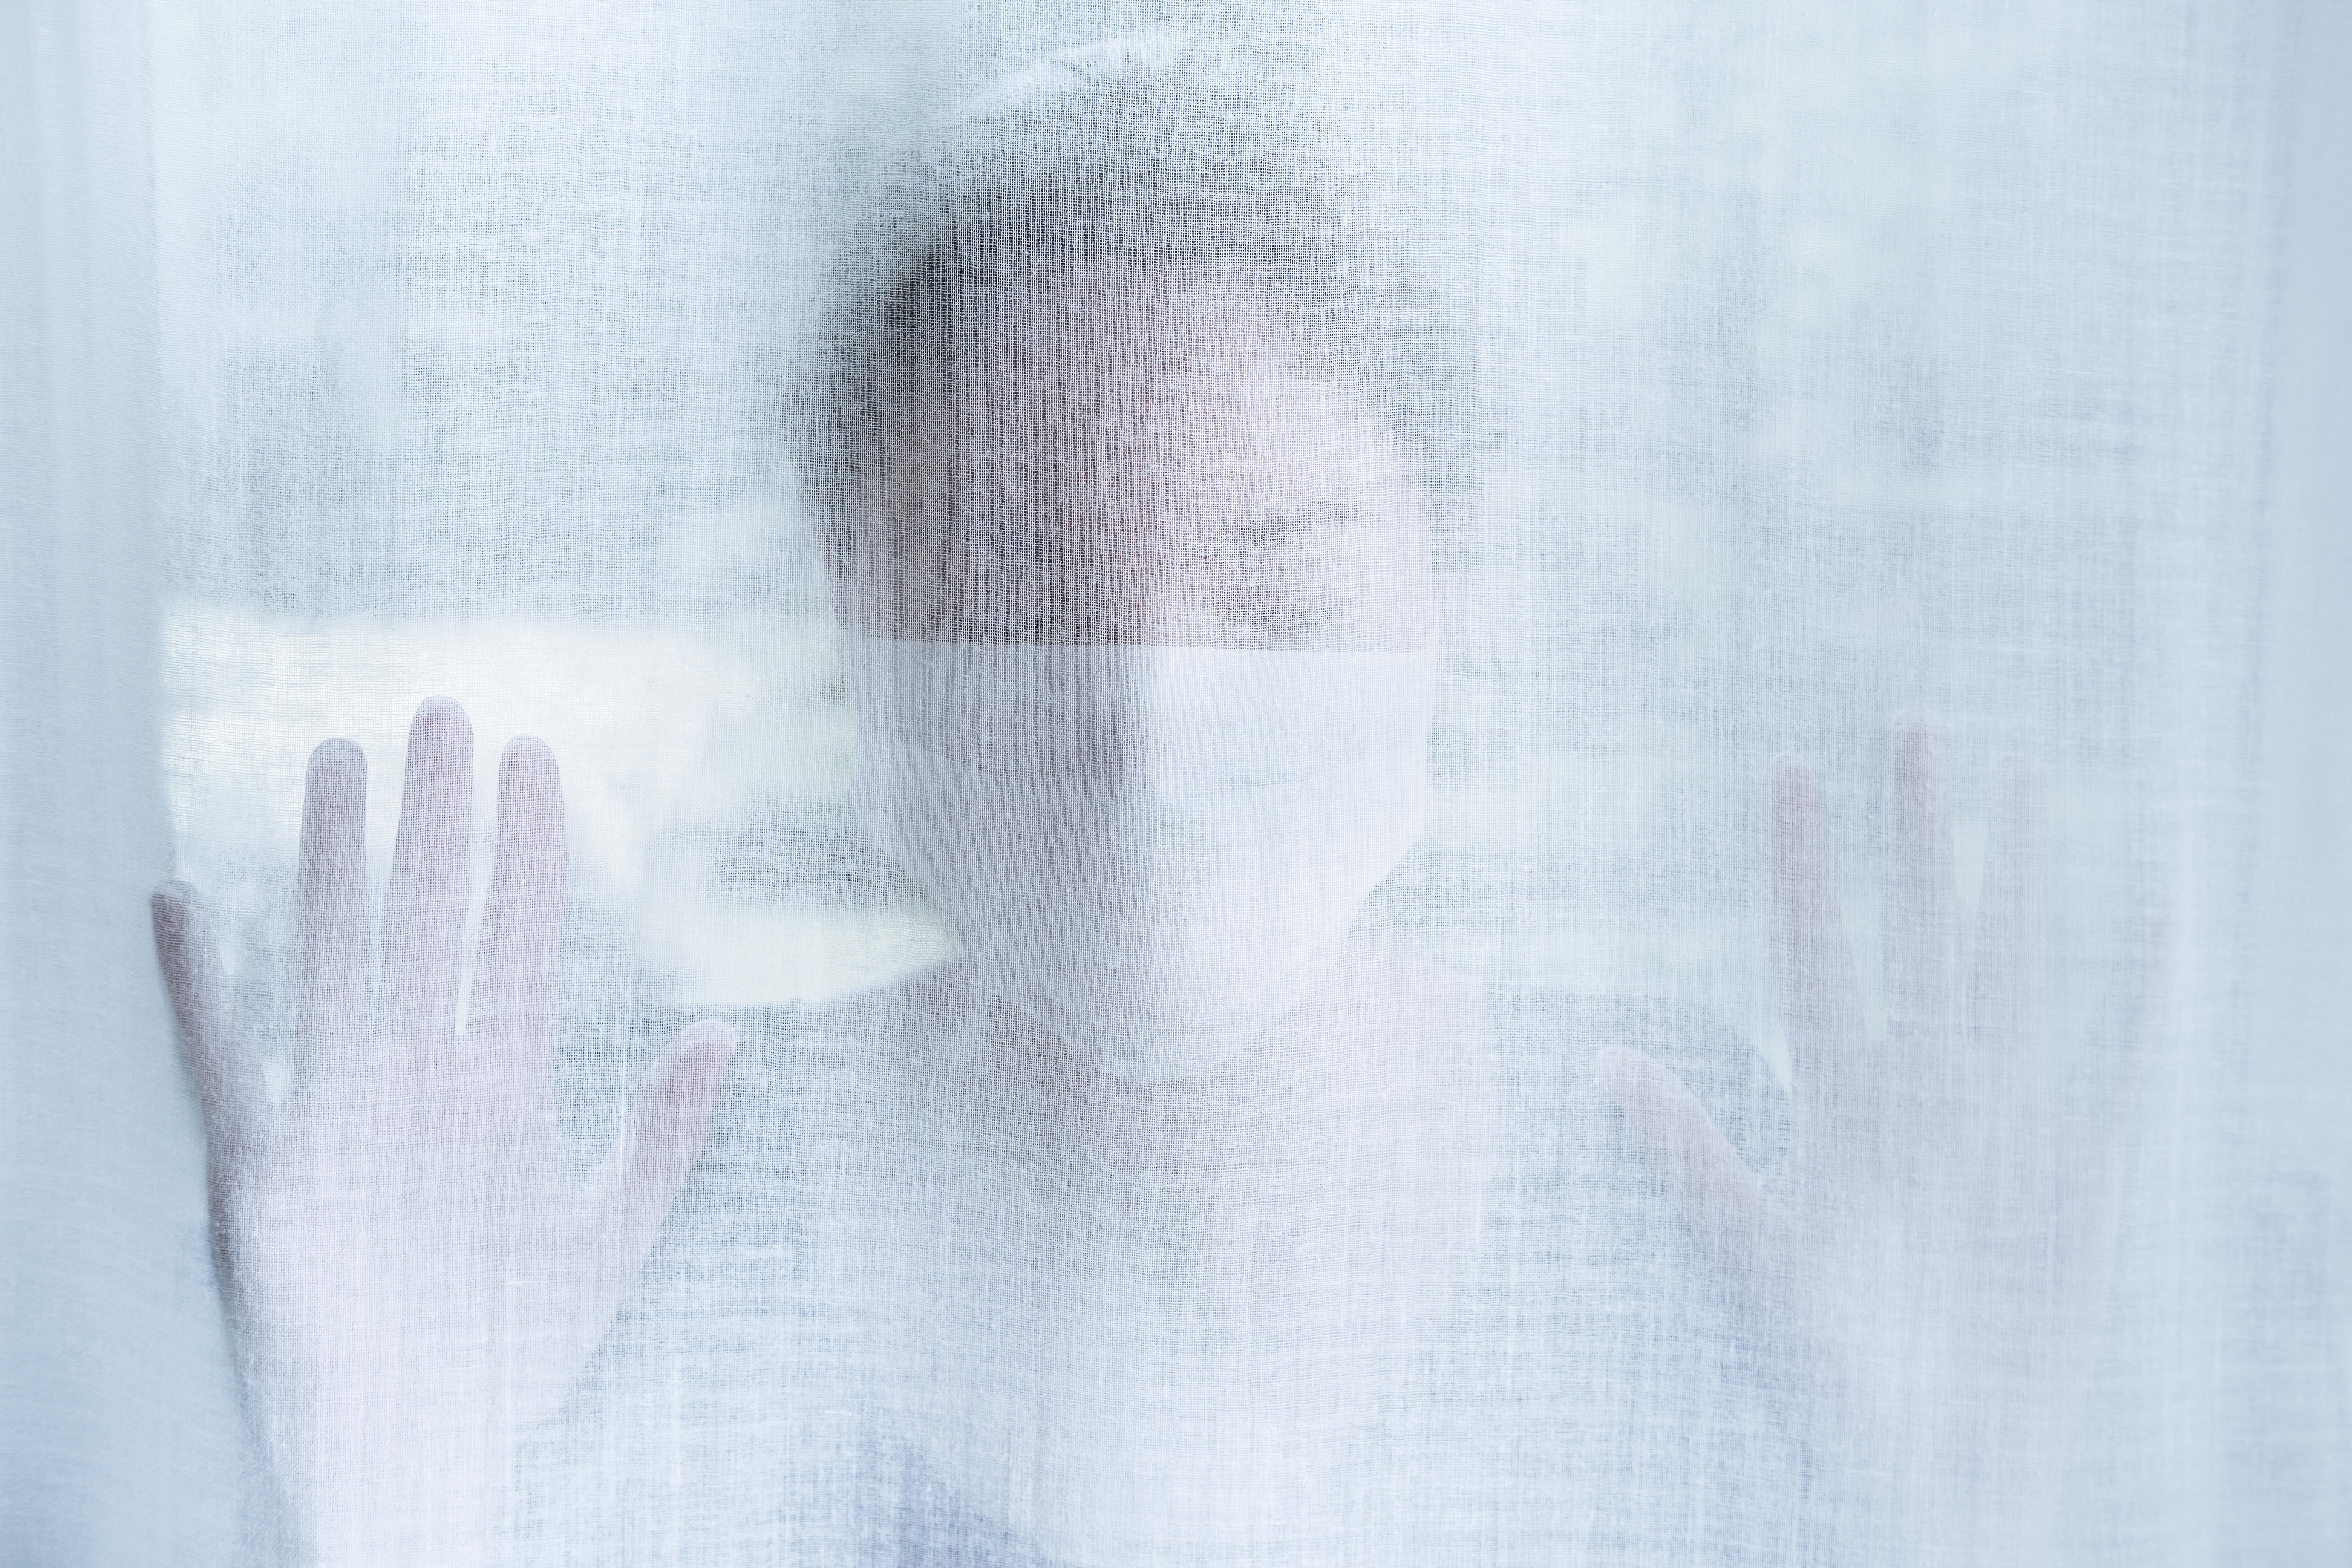 Ces neuroscientifiques parviennent à faire la distinction entre une peur aiguë et l'anxiété chronique (Visuel Adobe Stock 337660210)